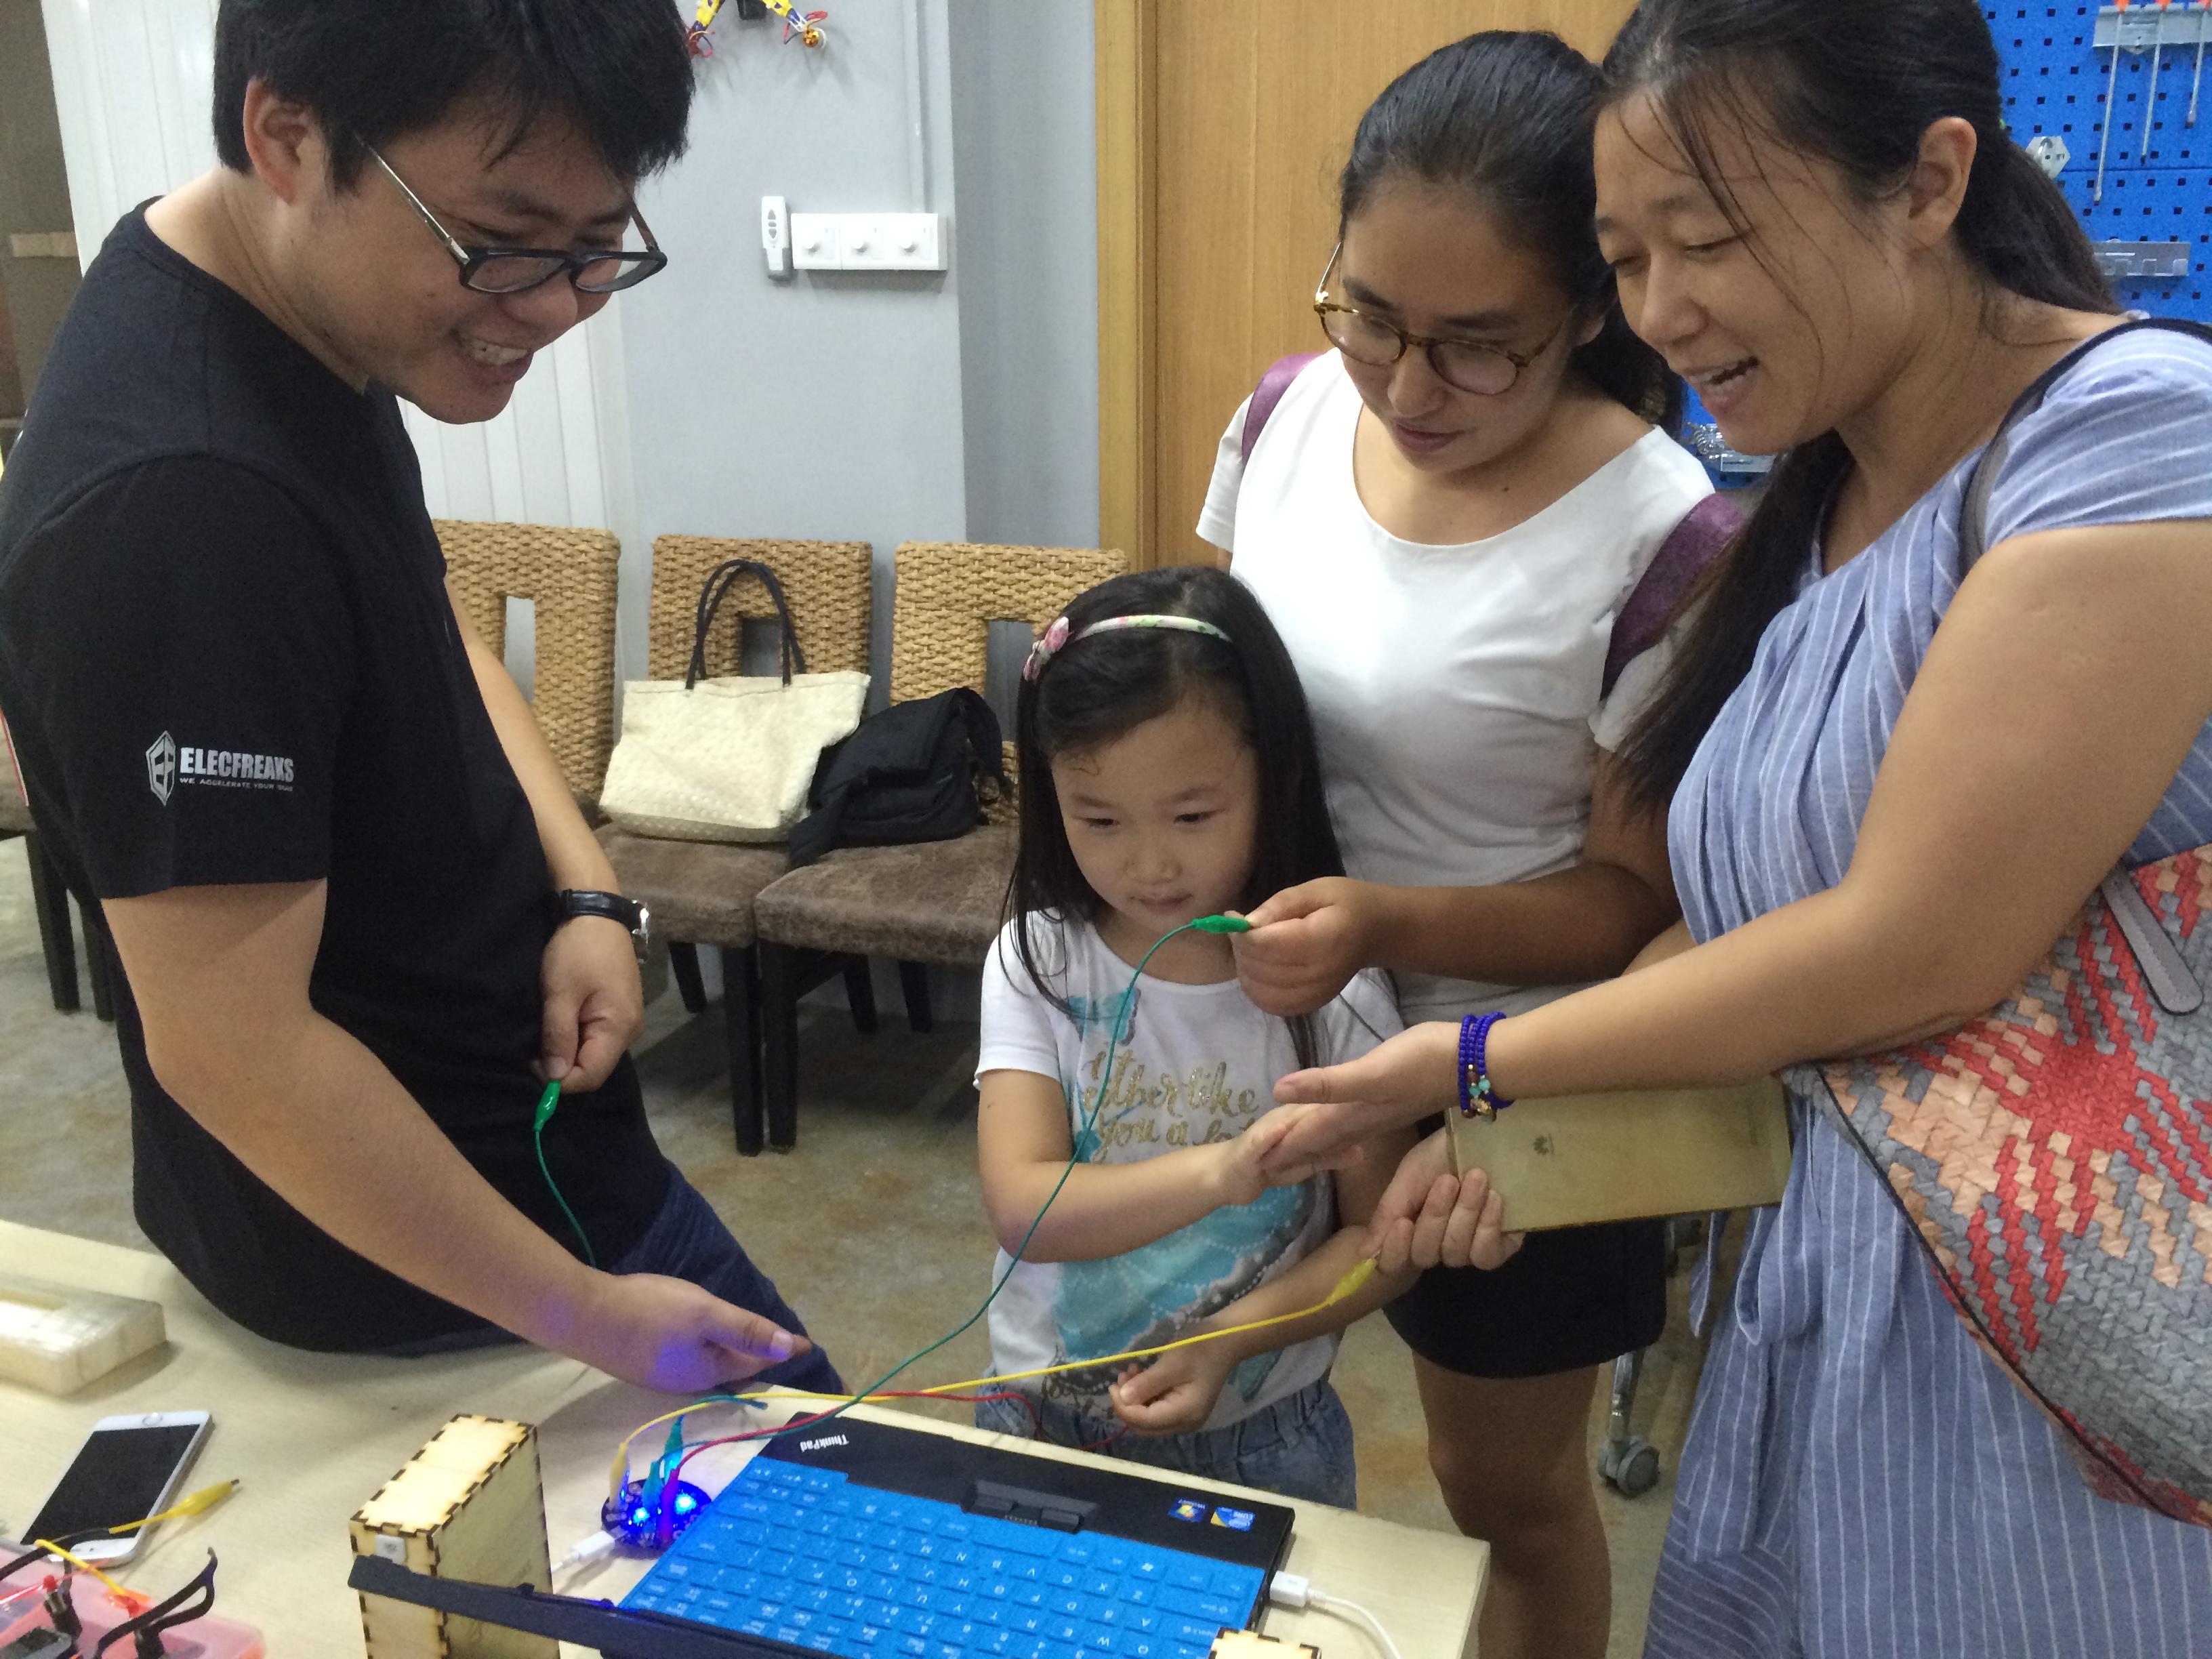 Open day at Maker Bar, Shenzhen